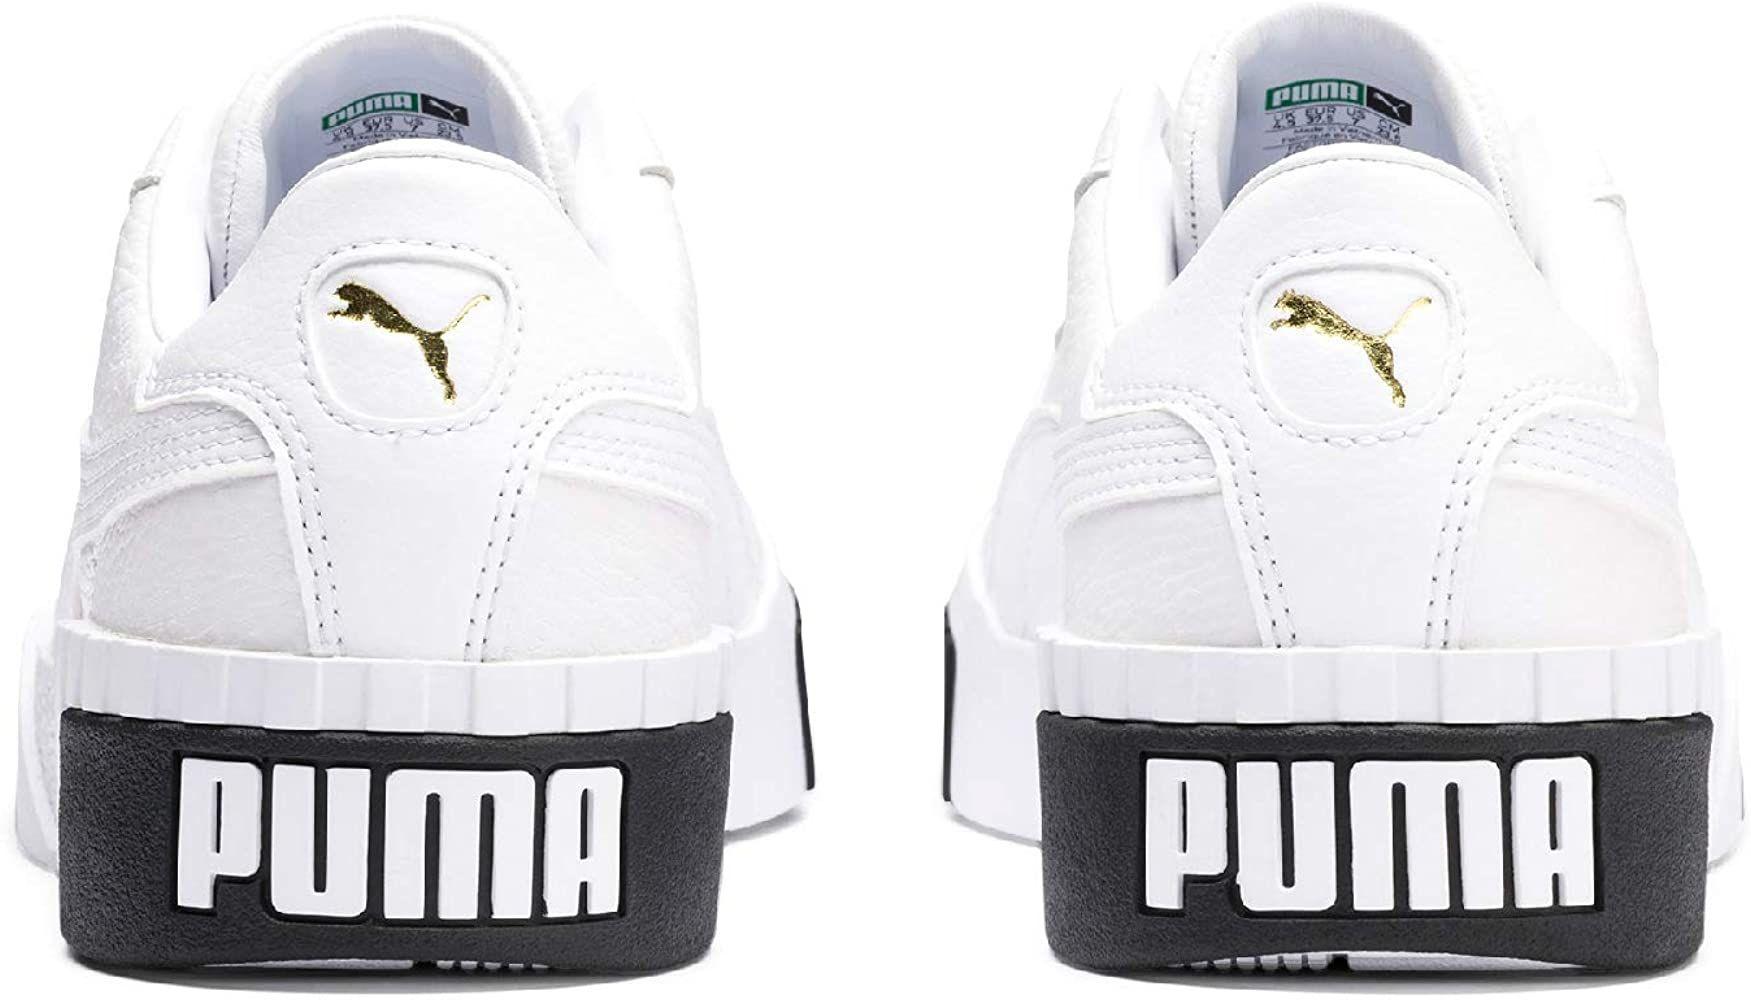 Puma Damen Cali Wn S Sneaker Schwarz Puma Black Puma White 36 Eu Amazon De Schuhe Handtaschen In 2020 Sneaker Handtaschen Puma